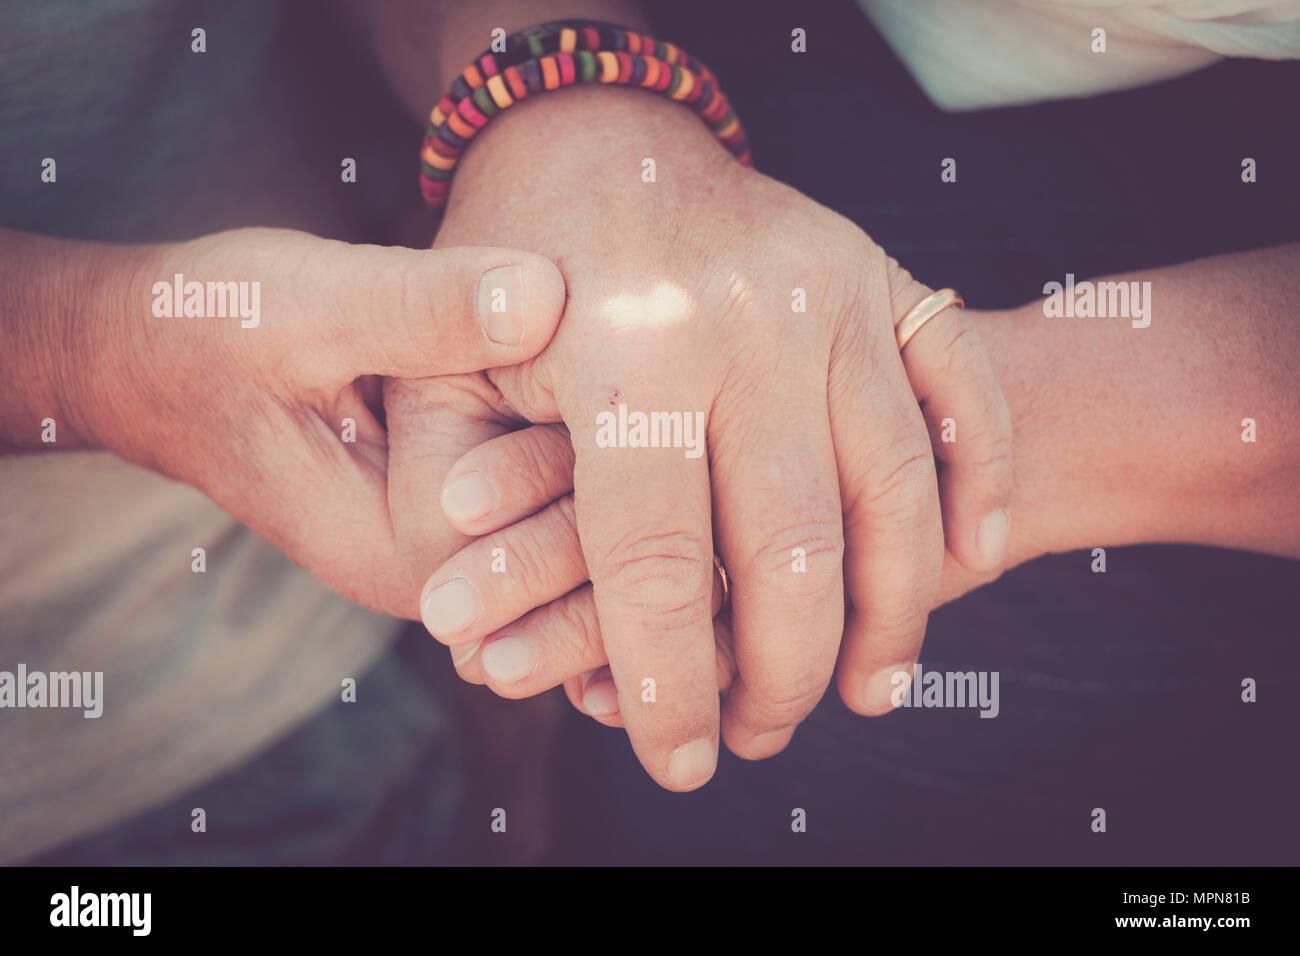 Toujours tegether concept pour une paire de mains senior personnes âgées touchant et rester ensemble. Moment d'amour pour une vie ensemble Banque D'Images